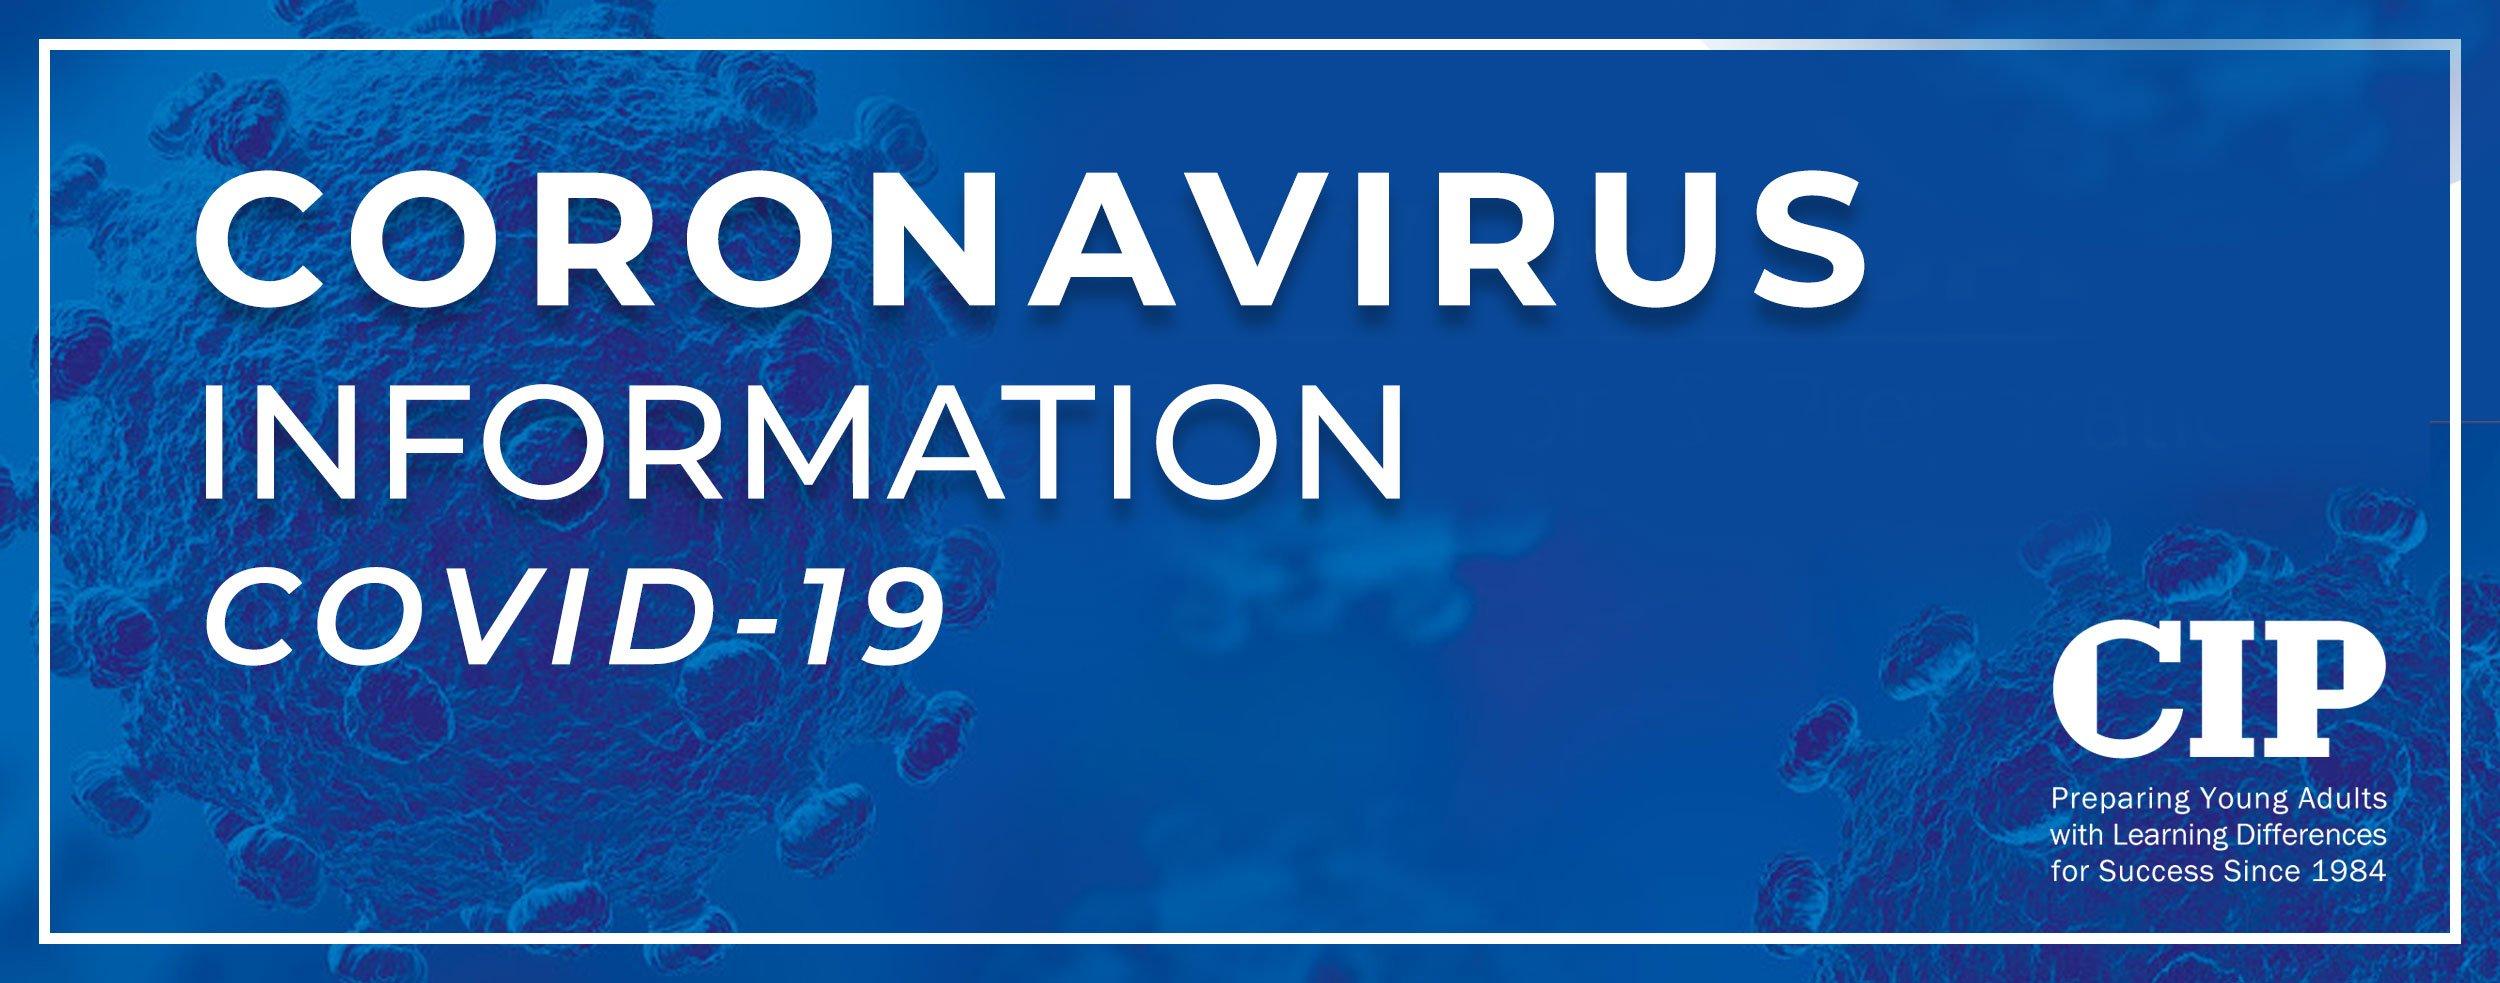 CORONAVIRUS_HEADER (1)